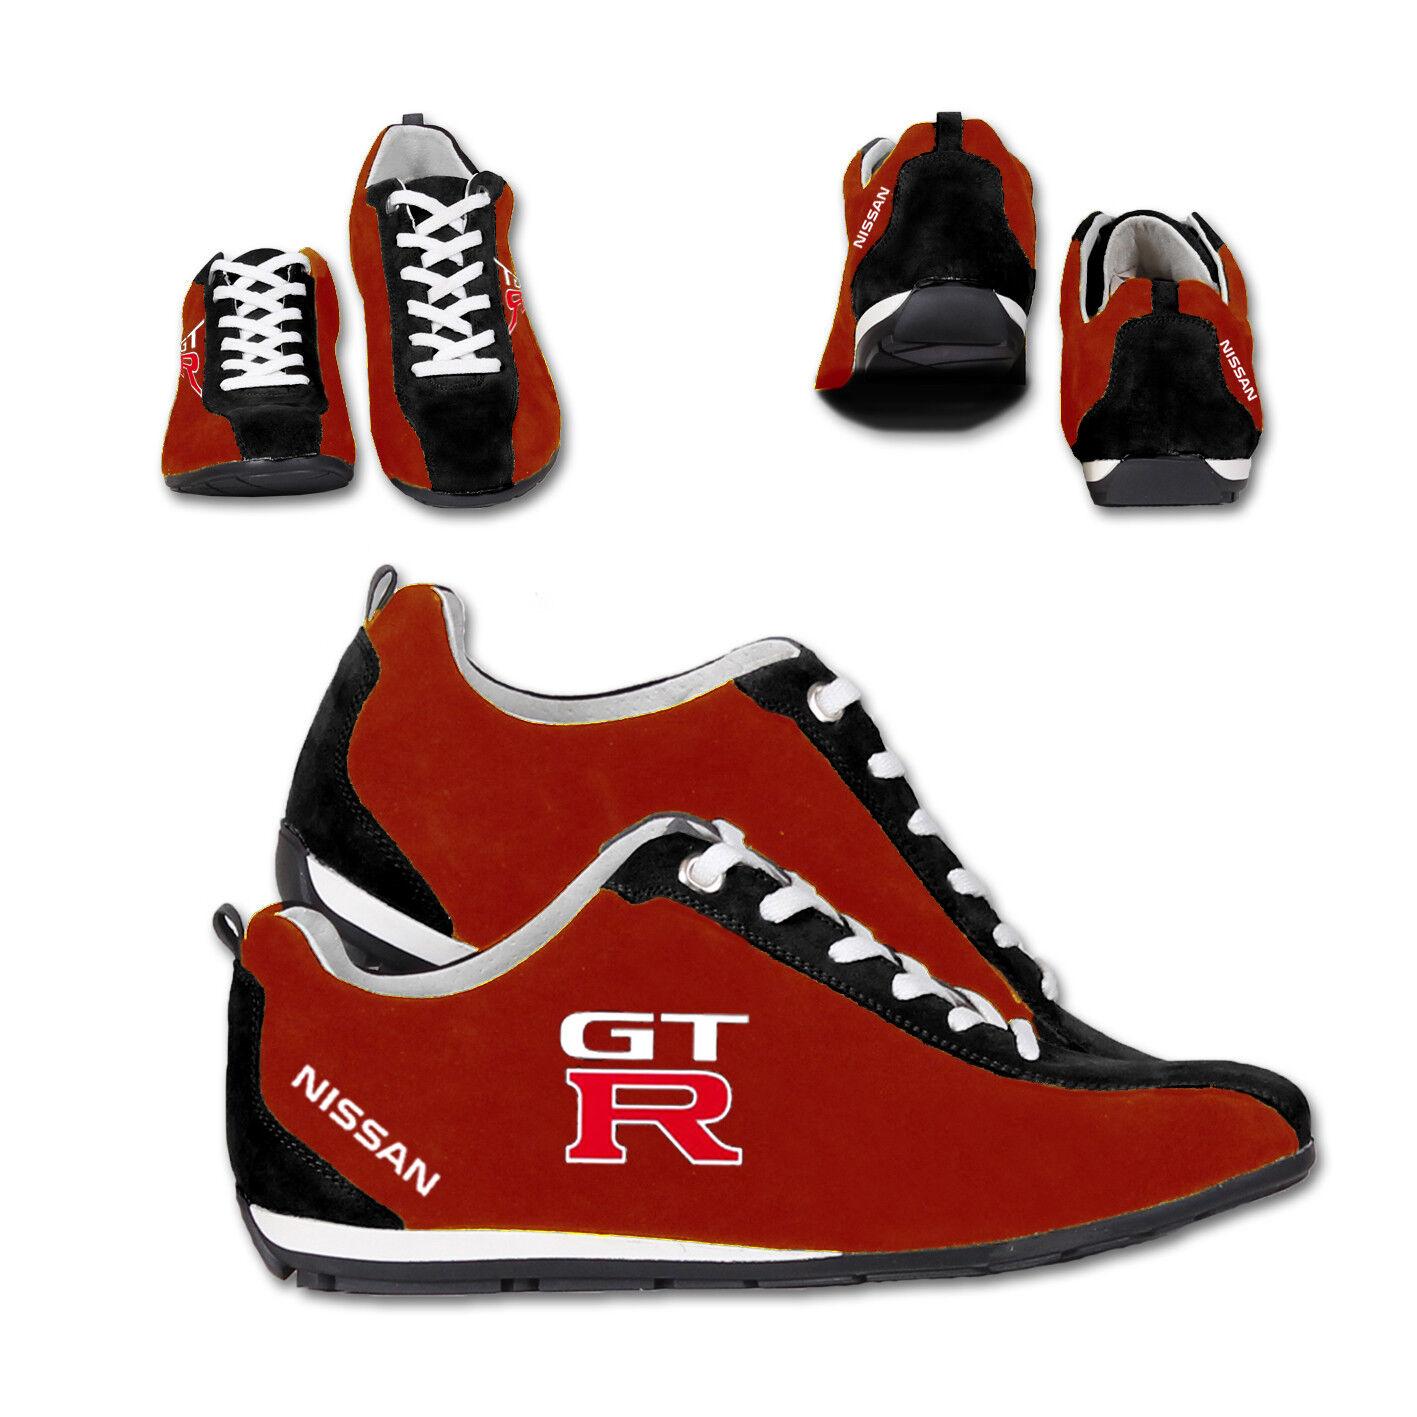 Neu Schuhe Nissan GTR Racing Bestickt Sport Shoes, Grosse 40